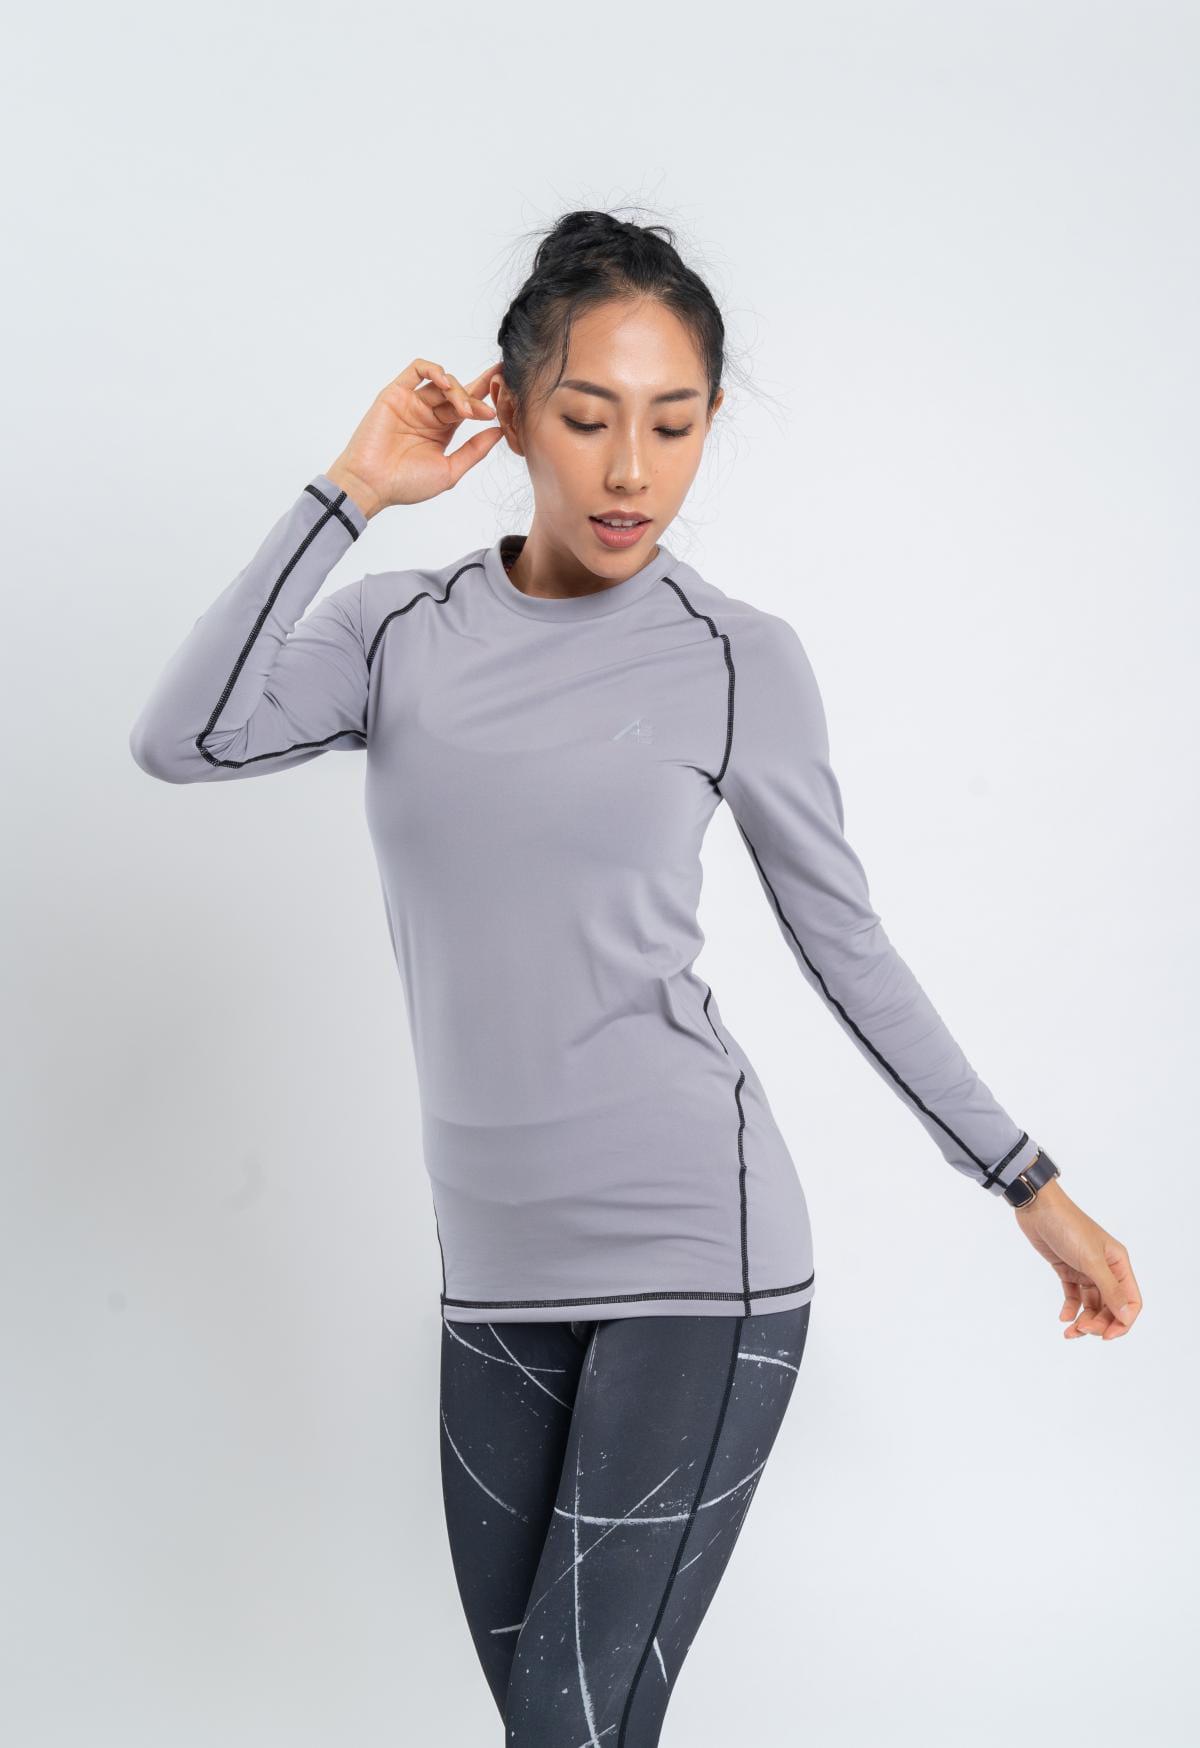 【Attis亞特司】保暖長袖刷毛機能上衣-淺灰/線黑